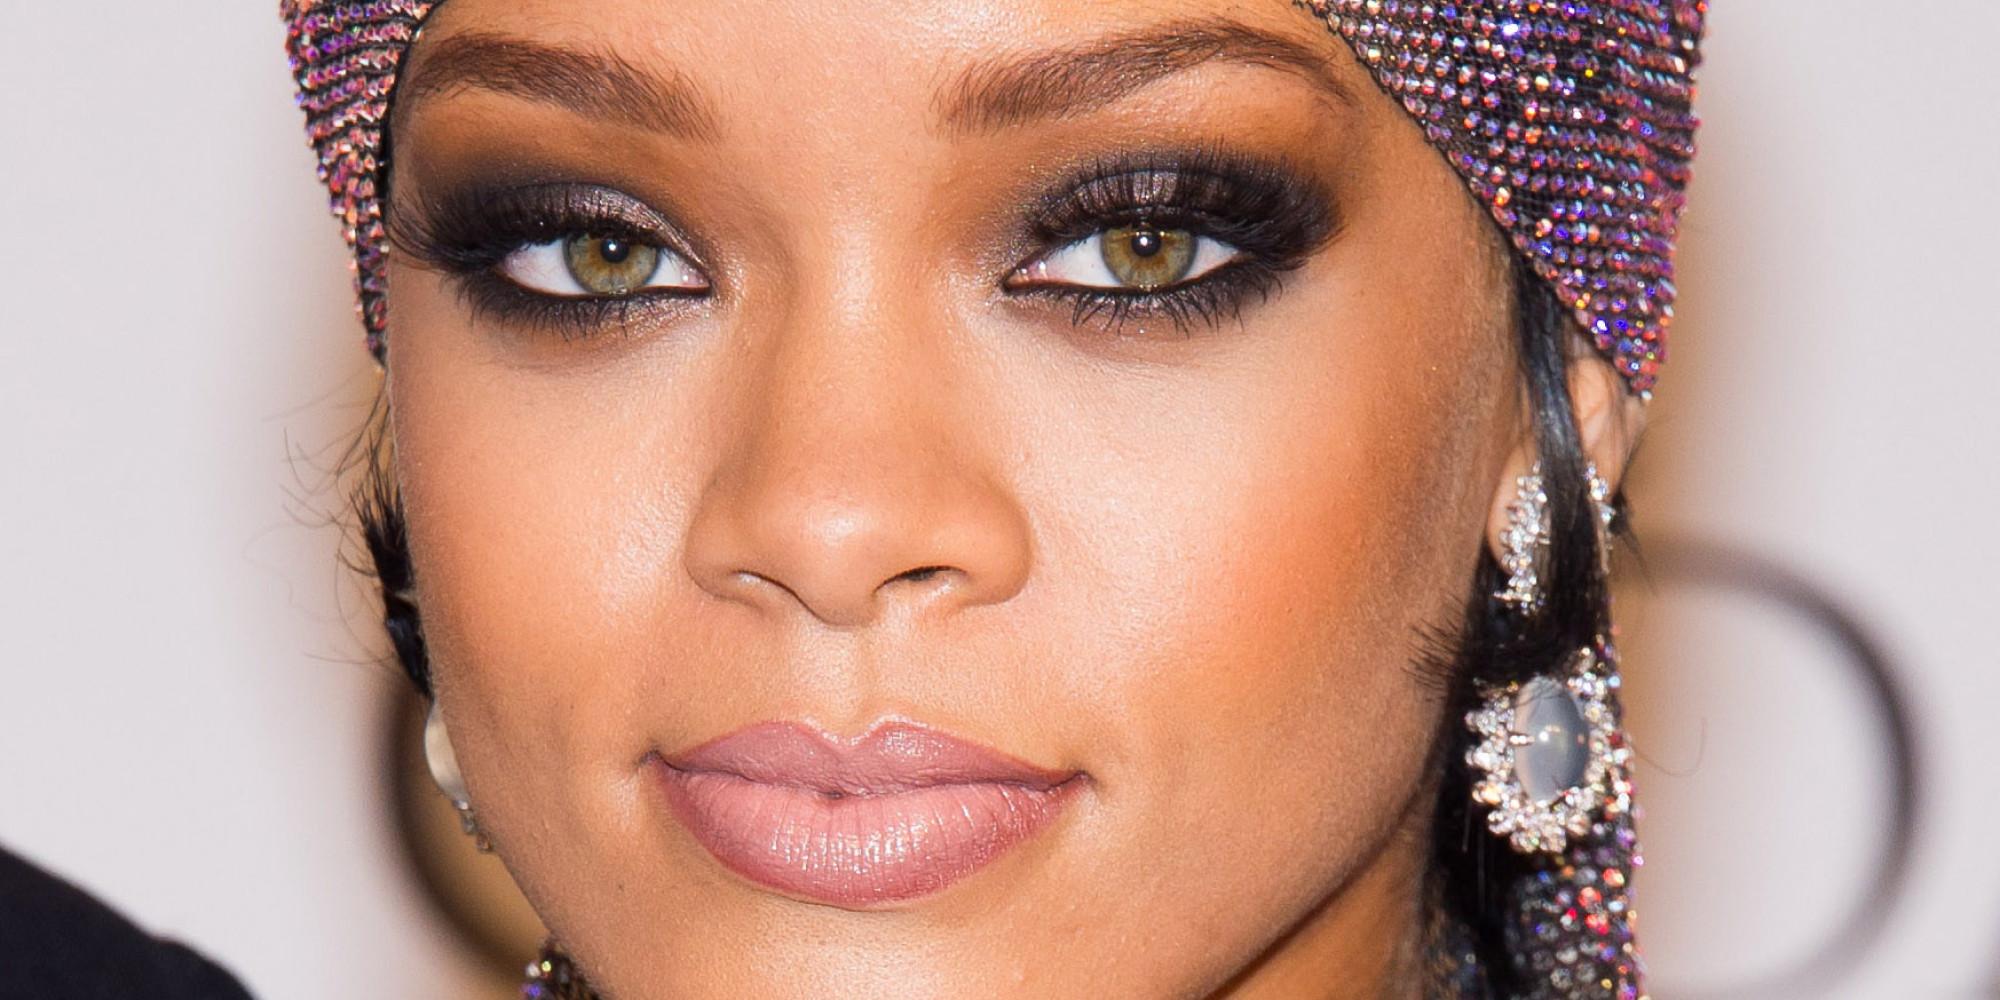 Rihanna est une talentueuse chanteuse, mais, s'il y a une autre chose pour laquelle elle a du talent : c'est montrer son superbe corps. Y a-t-il meilleur trophée qu'une paire de seins « made by Riri » ? Pour célébrer la victoire de La Mannschaft, la Barbadienne n'a pas hésité à montrer ses seins au Stade de Maracana du Brésil, lors de la finale de la coupe du monde.